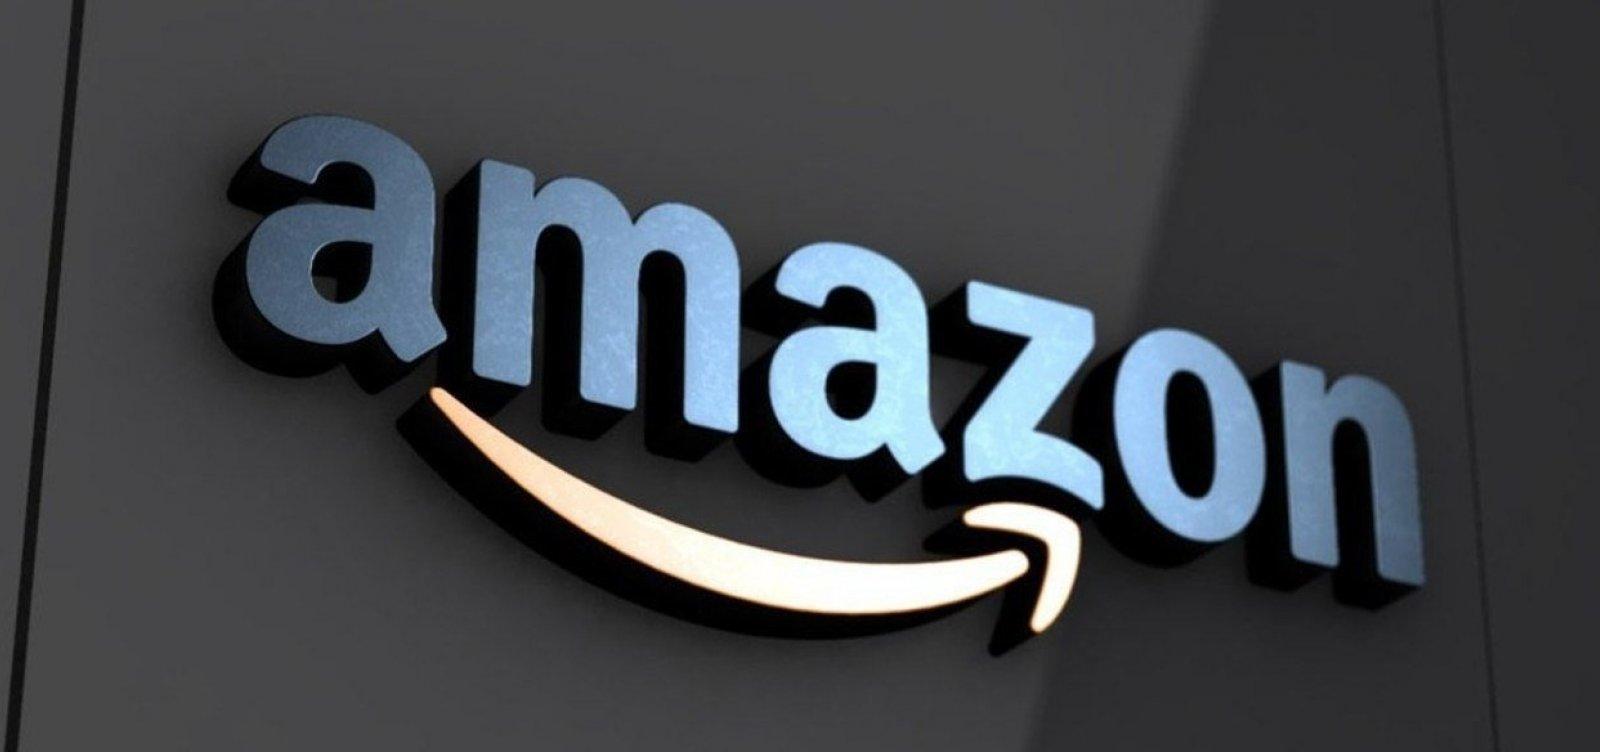 [Amazon se torna a marca mais valiosa do mundo, diz pesquisa]